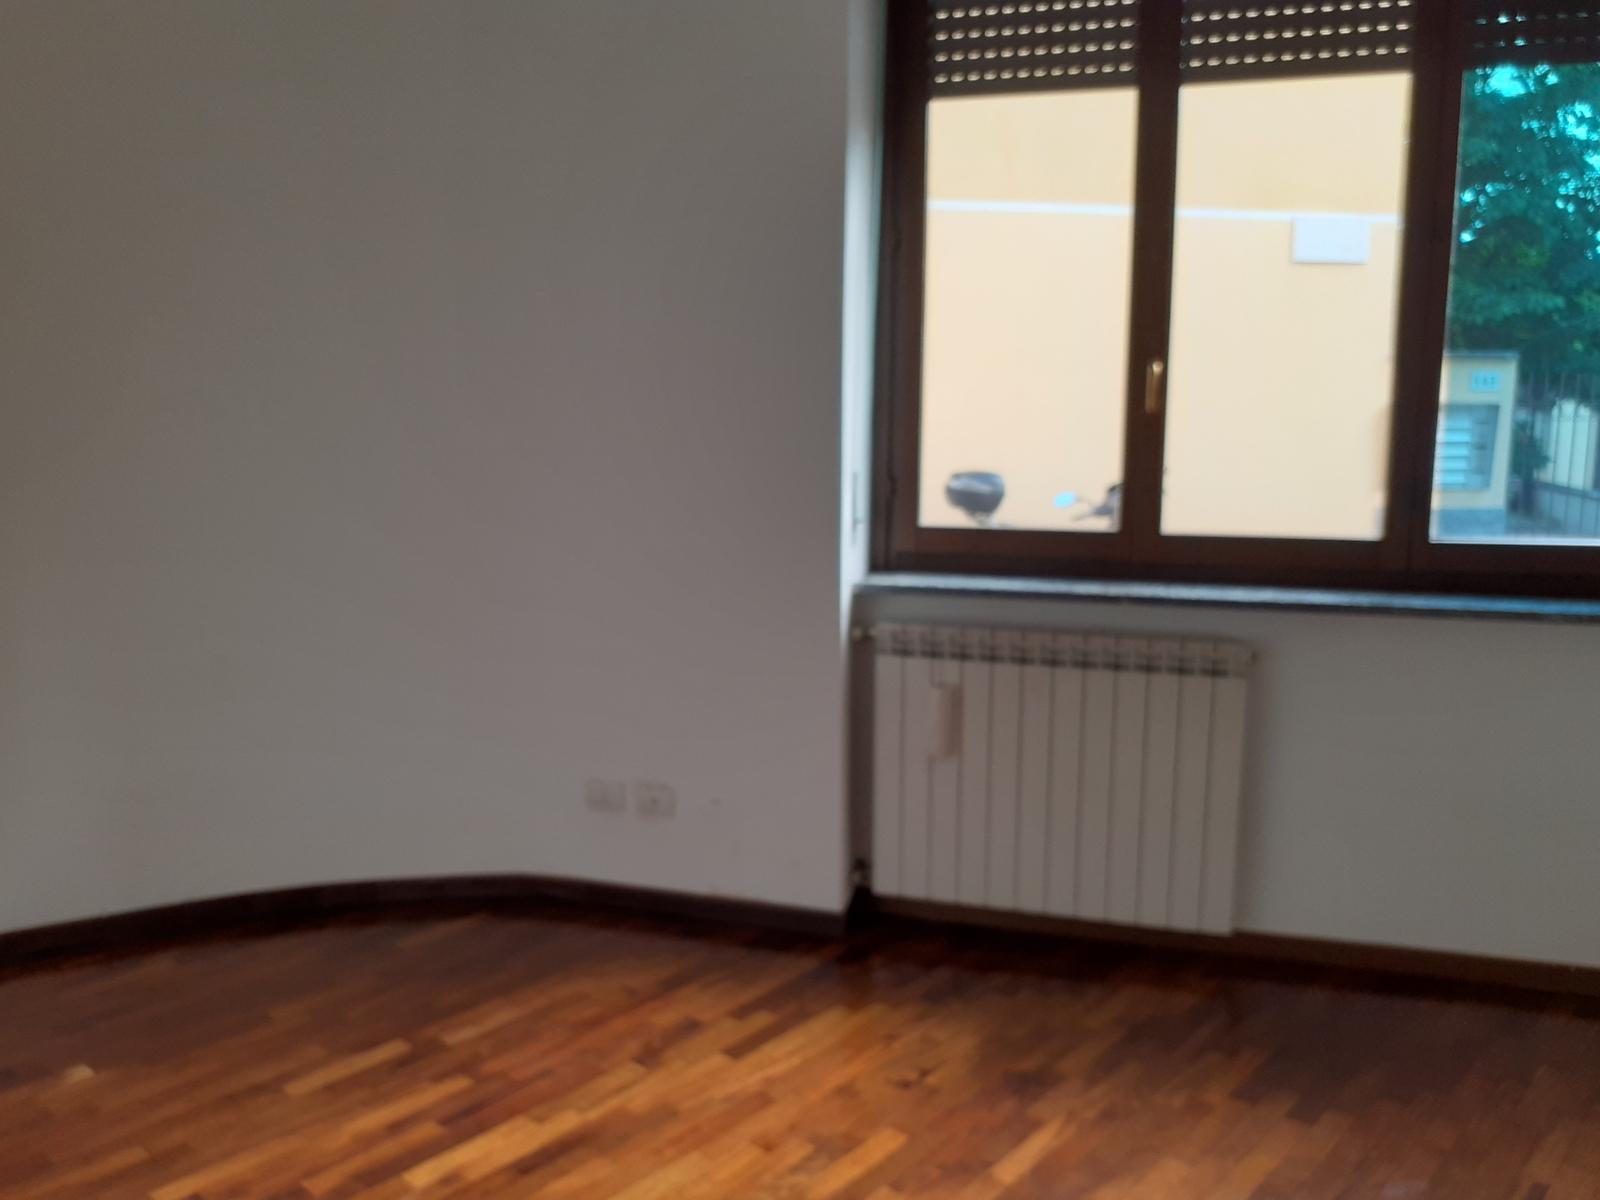 appartamento-tre-locali-milano-via-novara-quinto-romano-san-siro-3-locali-spaziourbano-immobiliare-vende-9